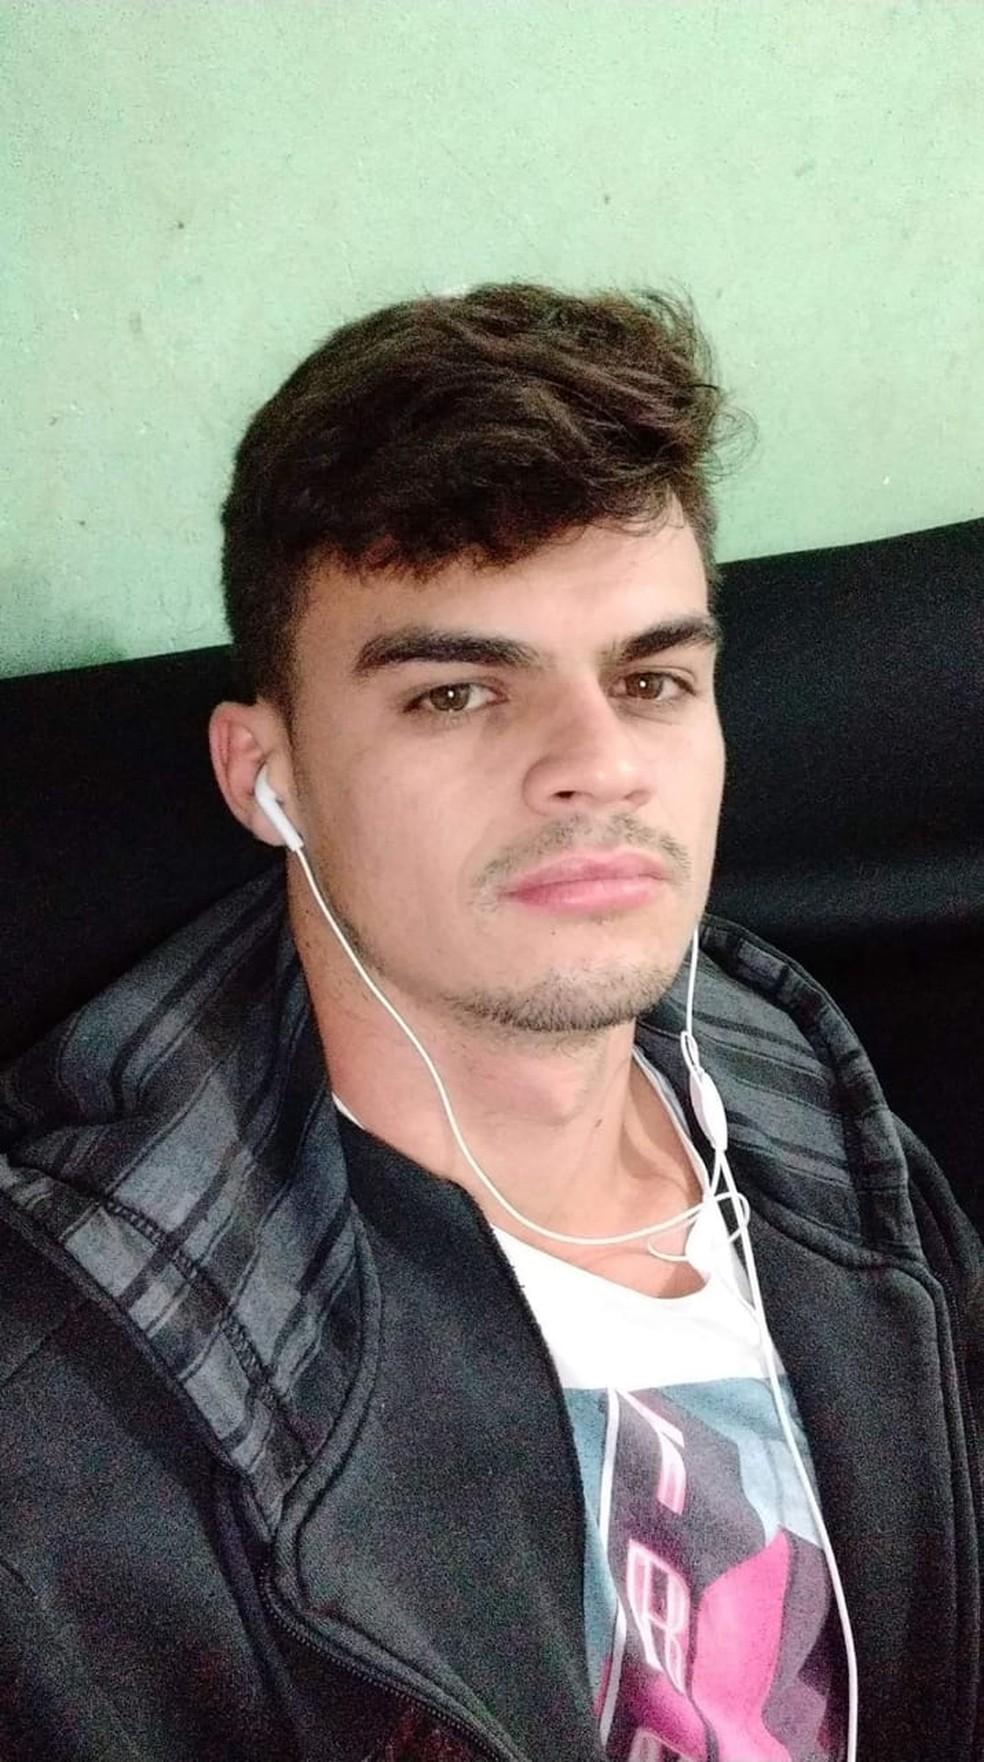 Felício Araújo Soares, 26 anos, foi atingido no peito e morreu — Foto: Reprodução